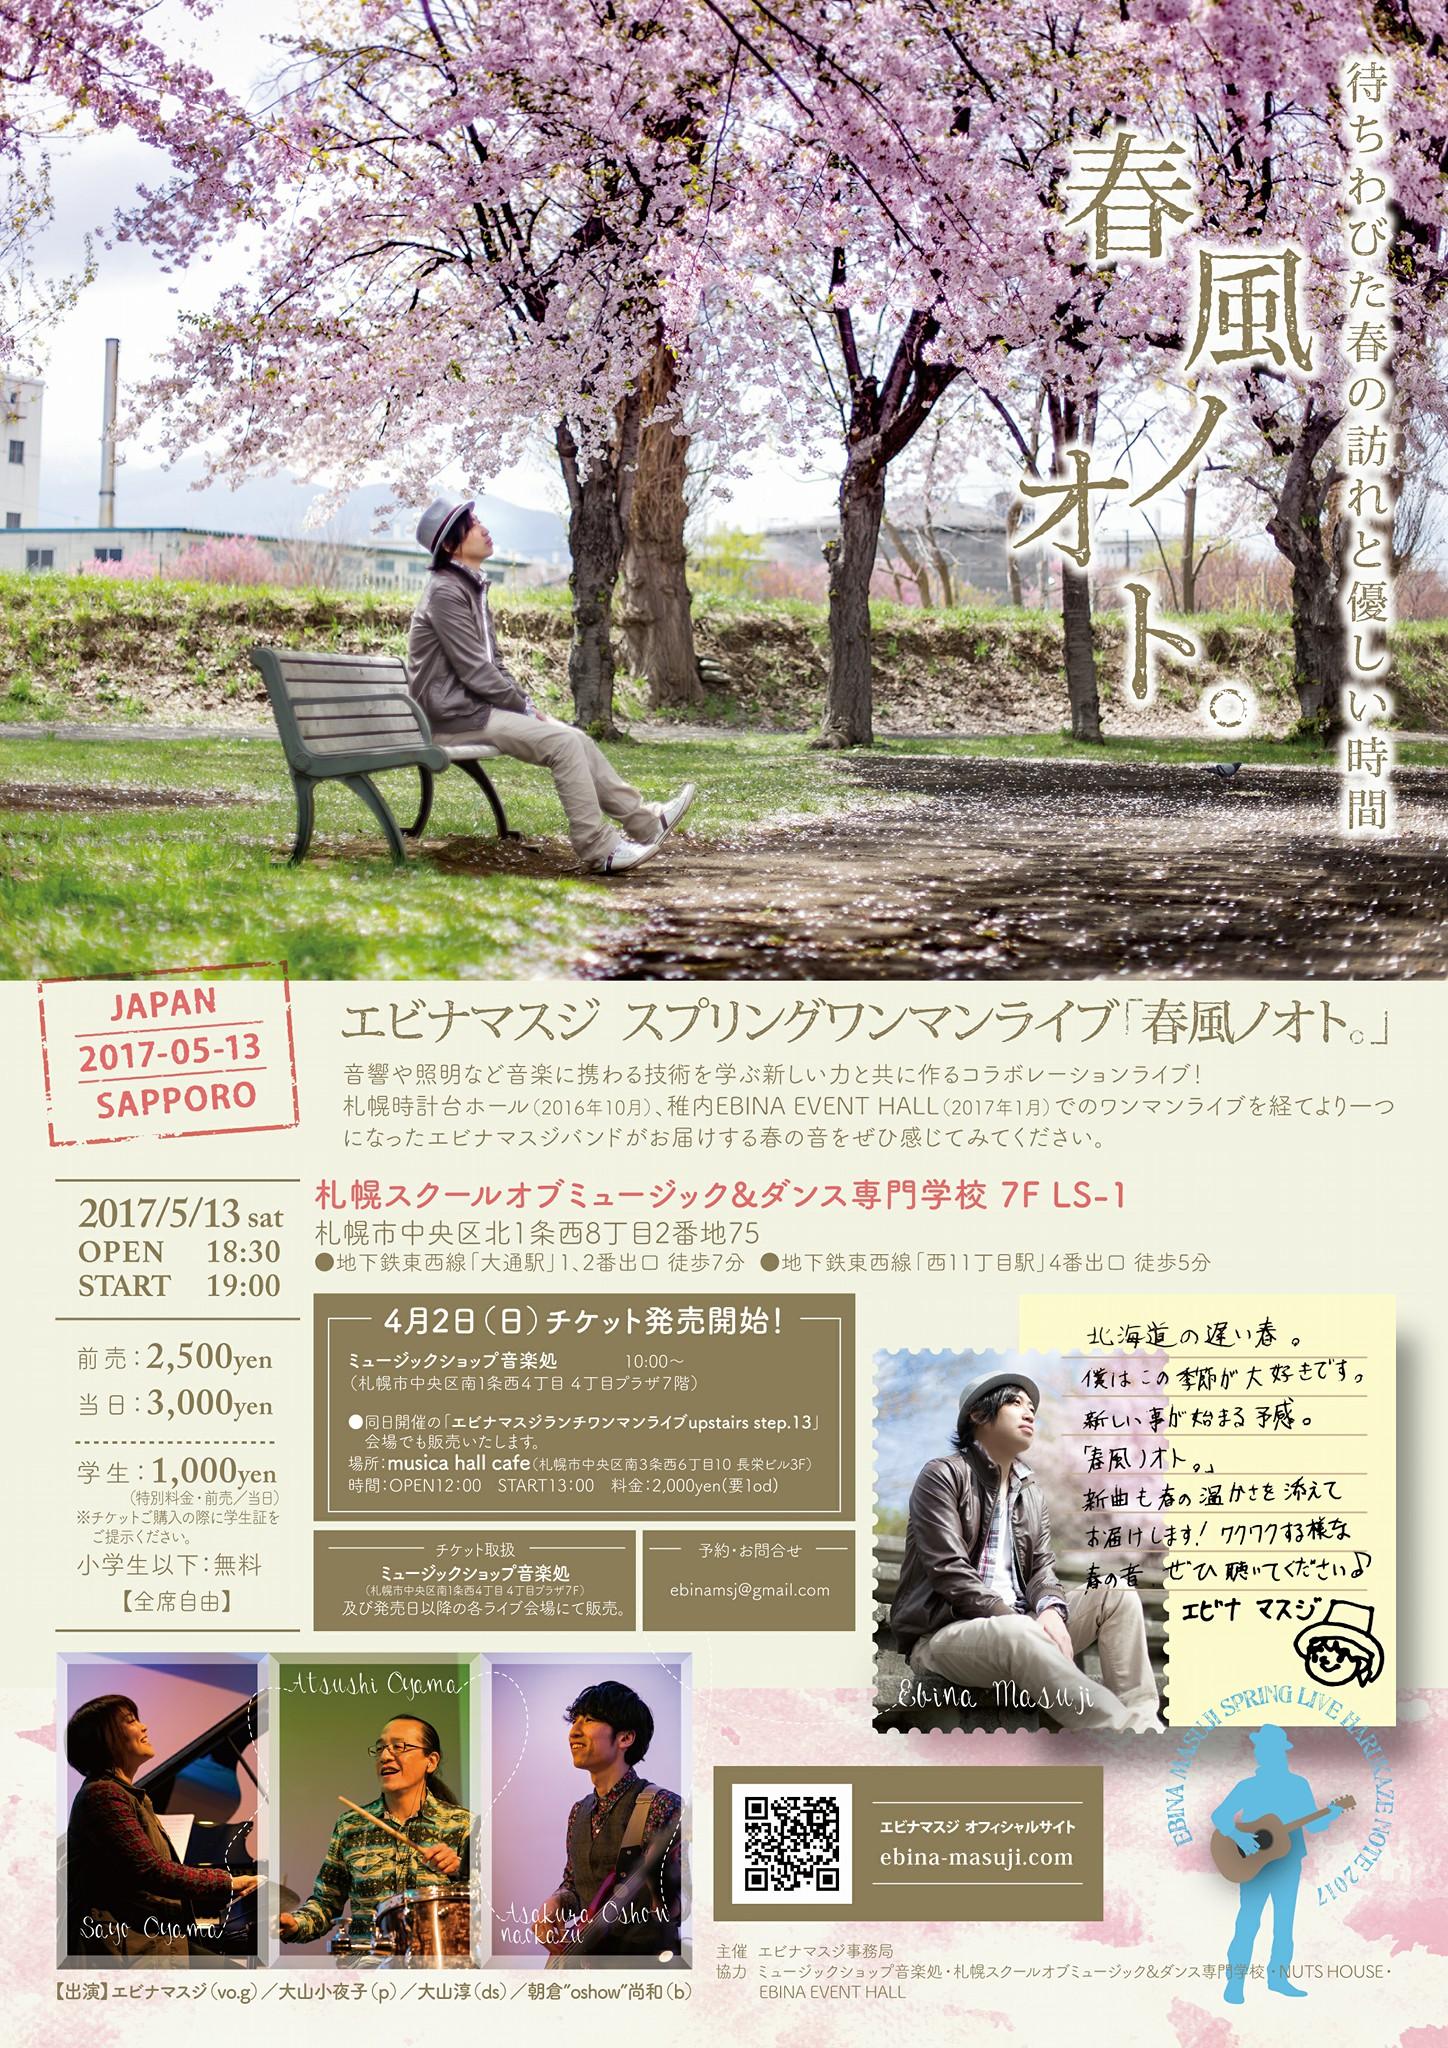 【終了】[2017.5.13 SAT] エビナマスジ スプリングワンマンライブ「春風ノオト。」